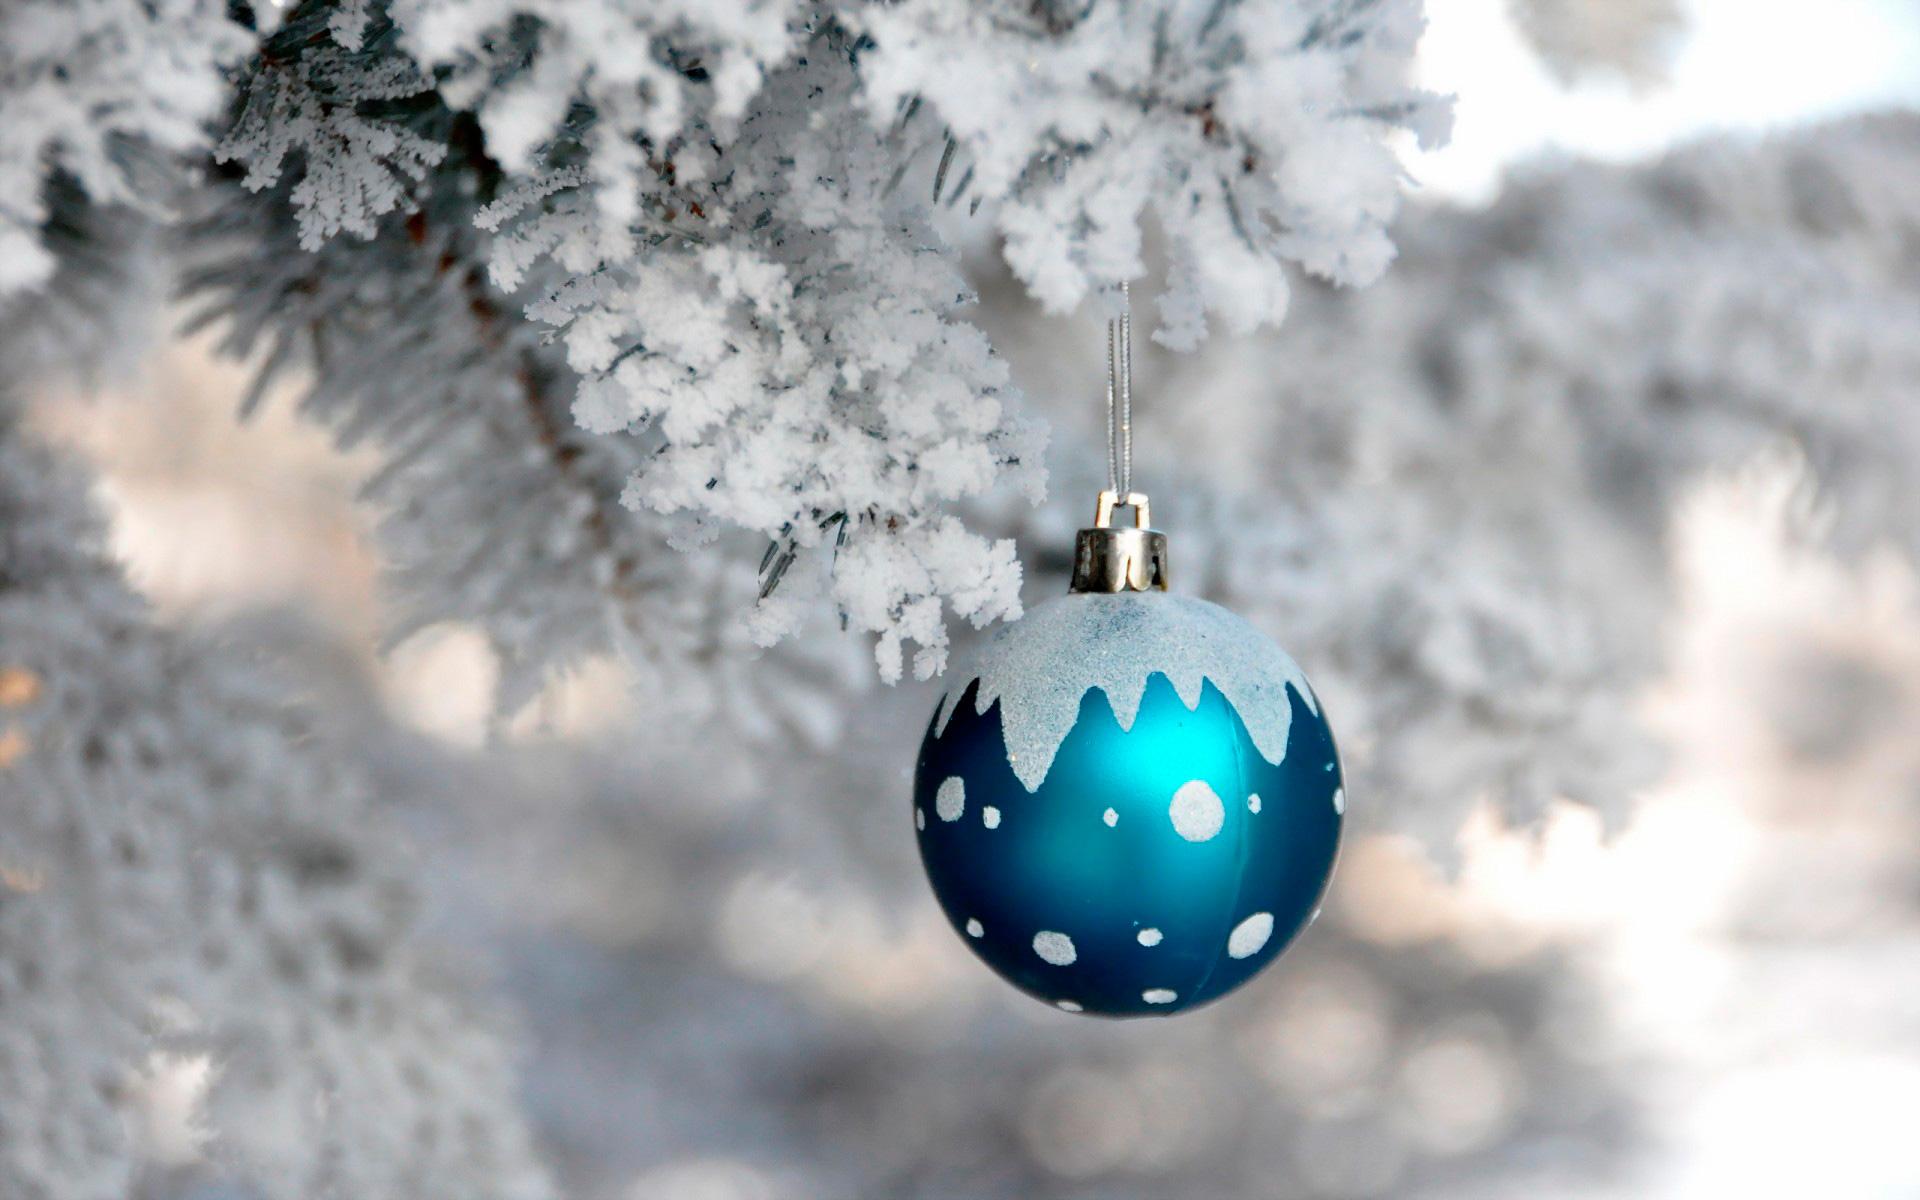 Лучшие обои для рабочего стола Новый год зима (17)